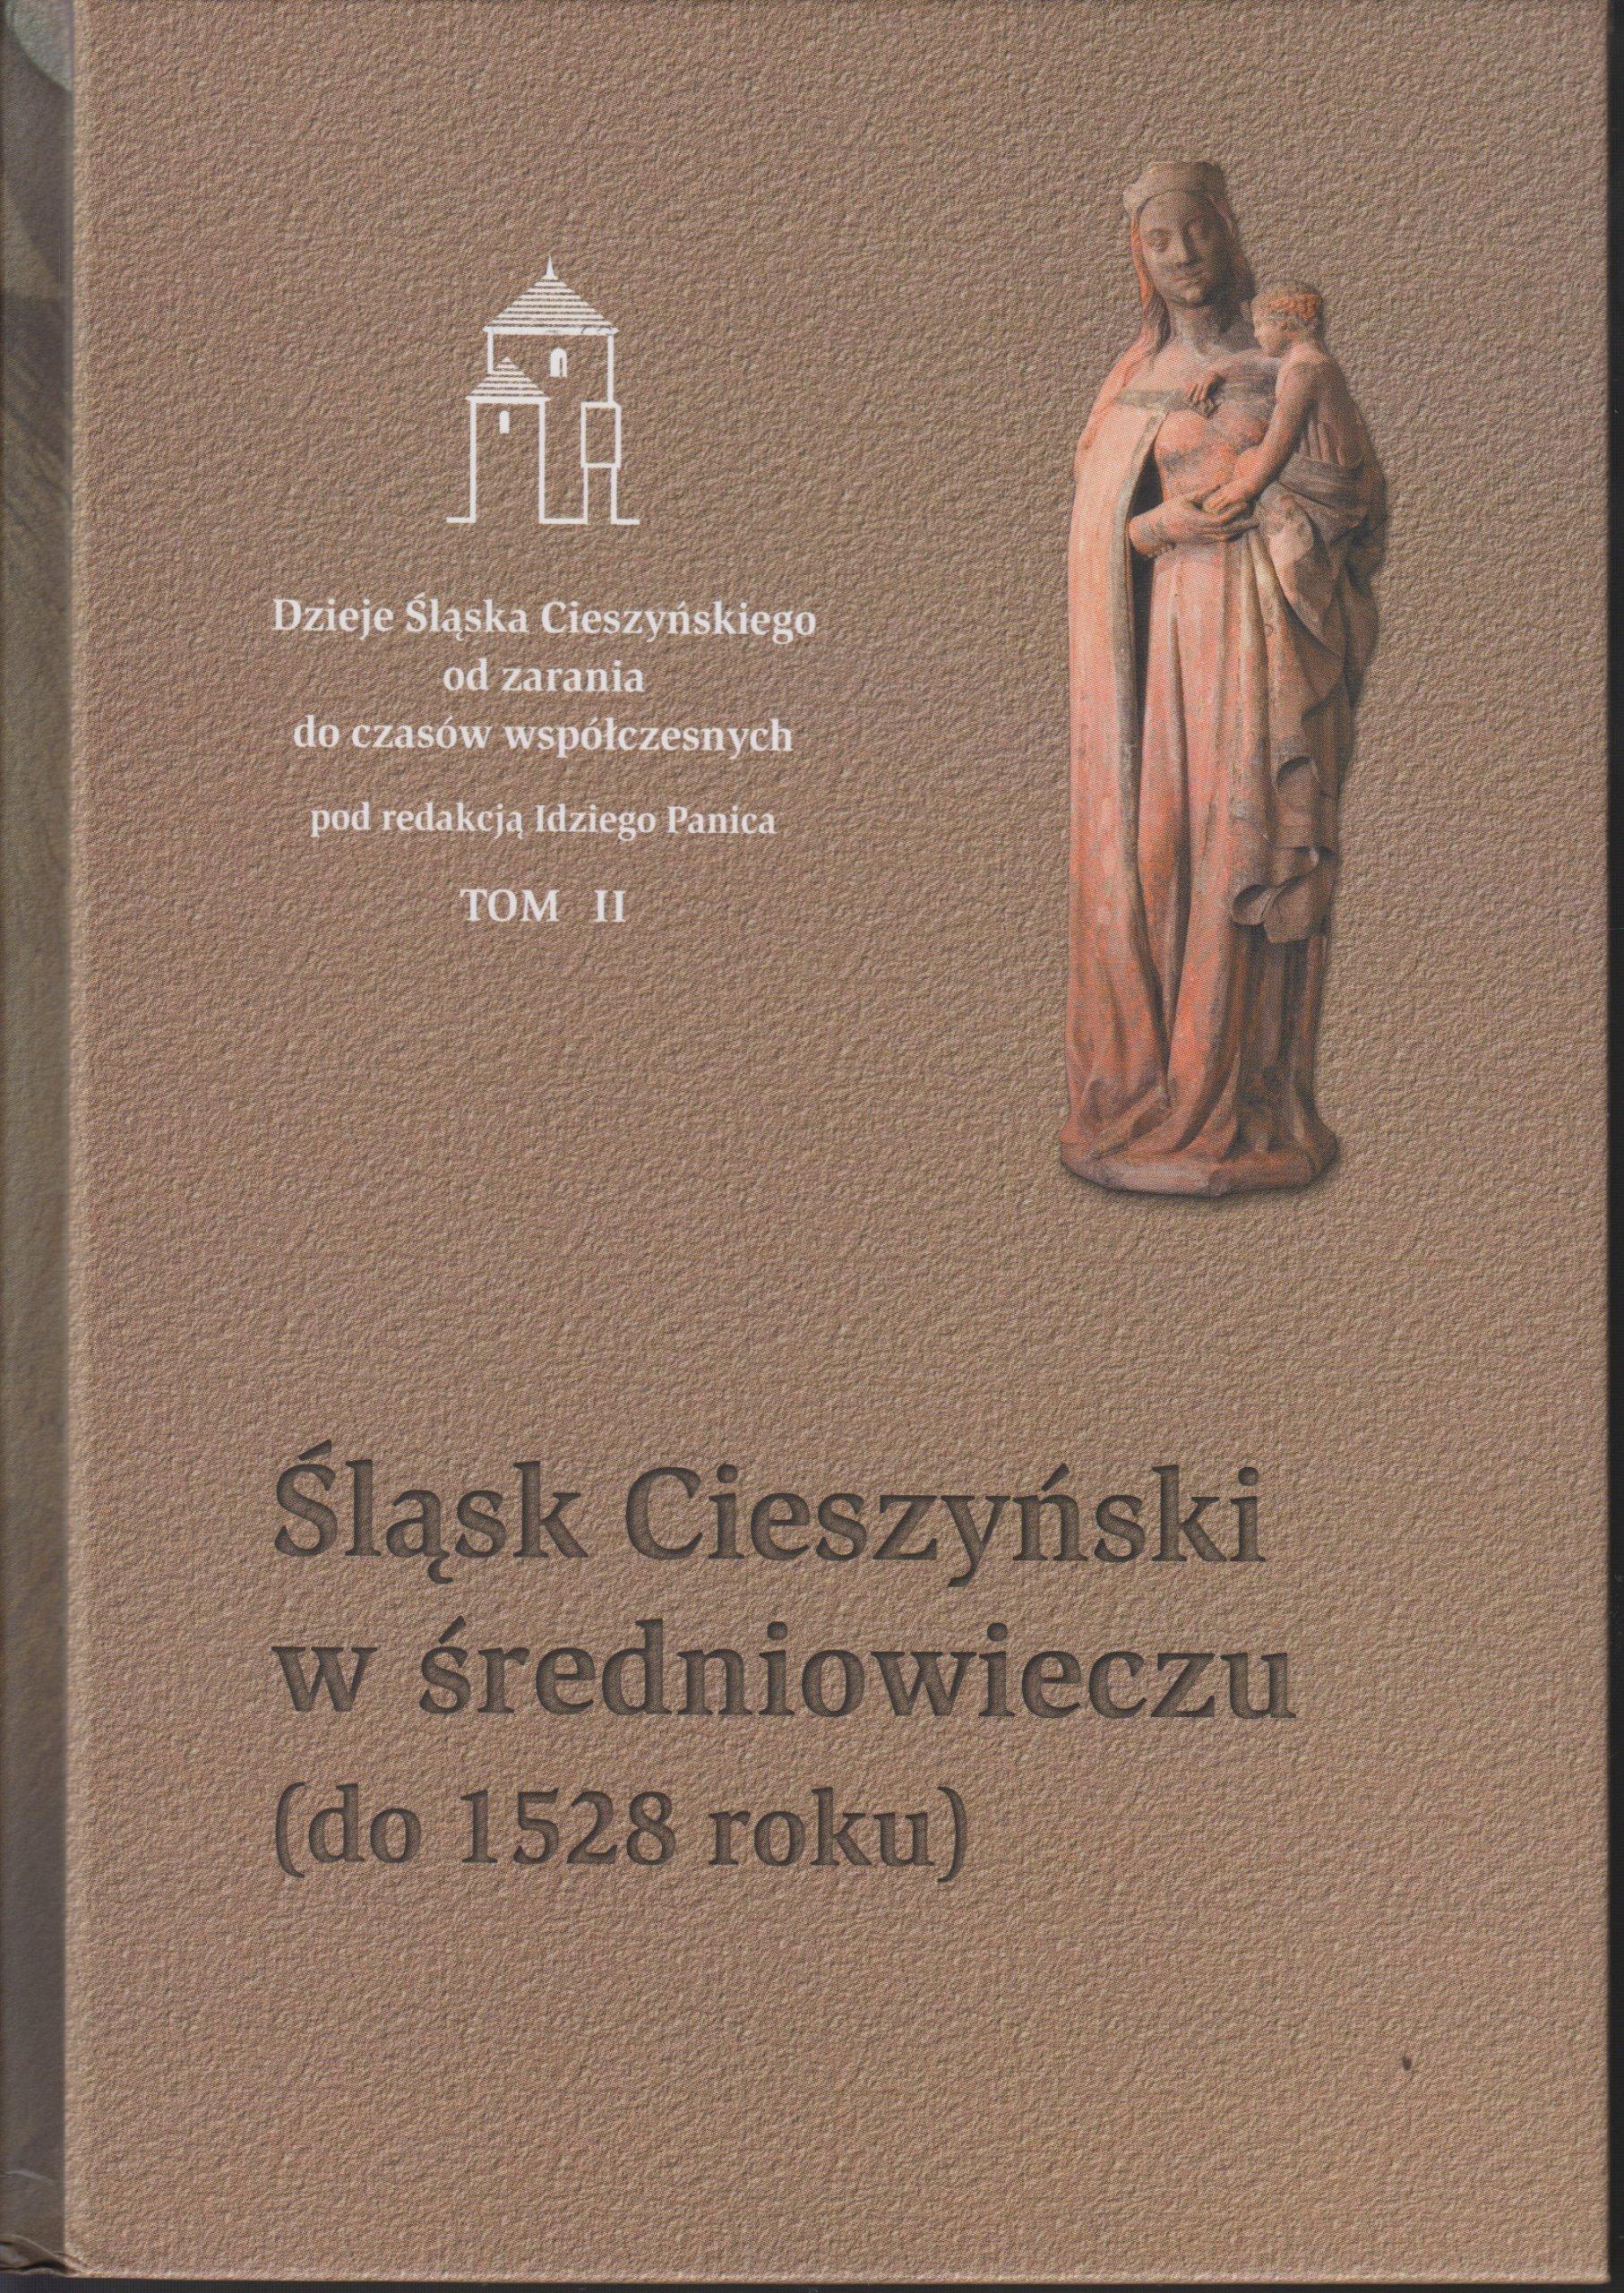 Znalezione obrazy dla zapytania IDZI PANIC, Śląsk Cieszyński w średniowieczu (do 1528 roku).